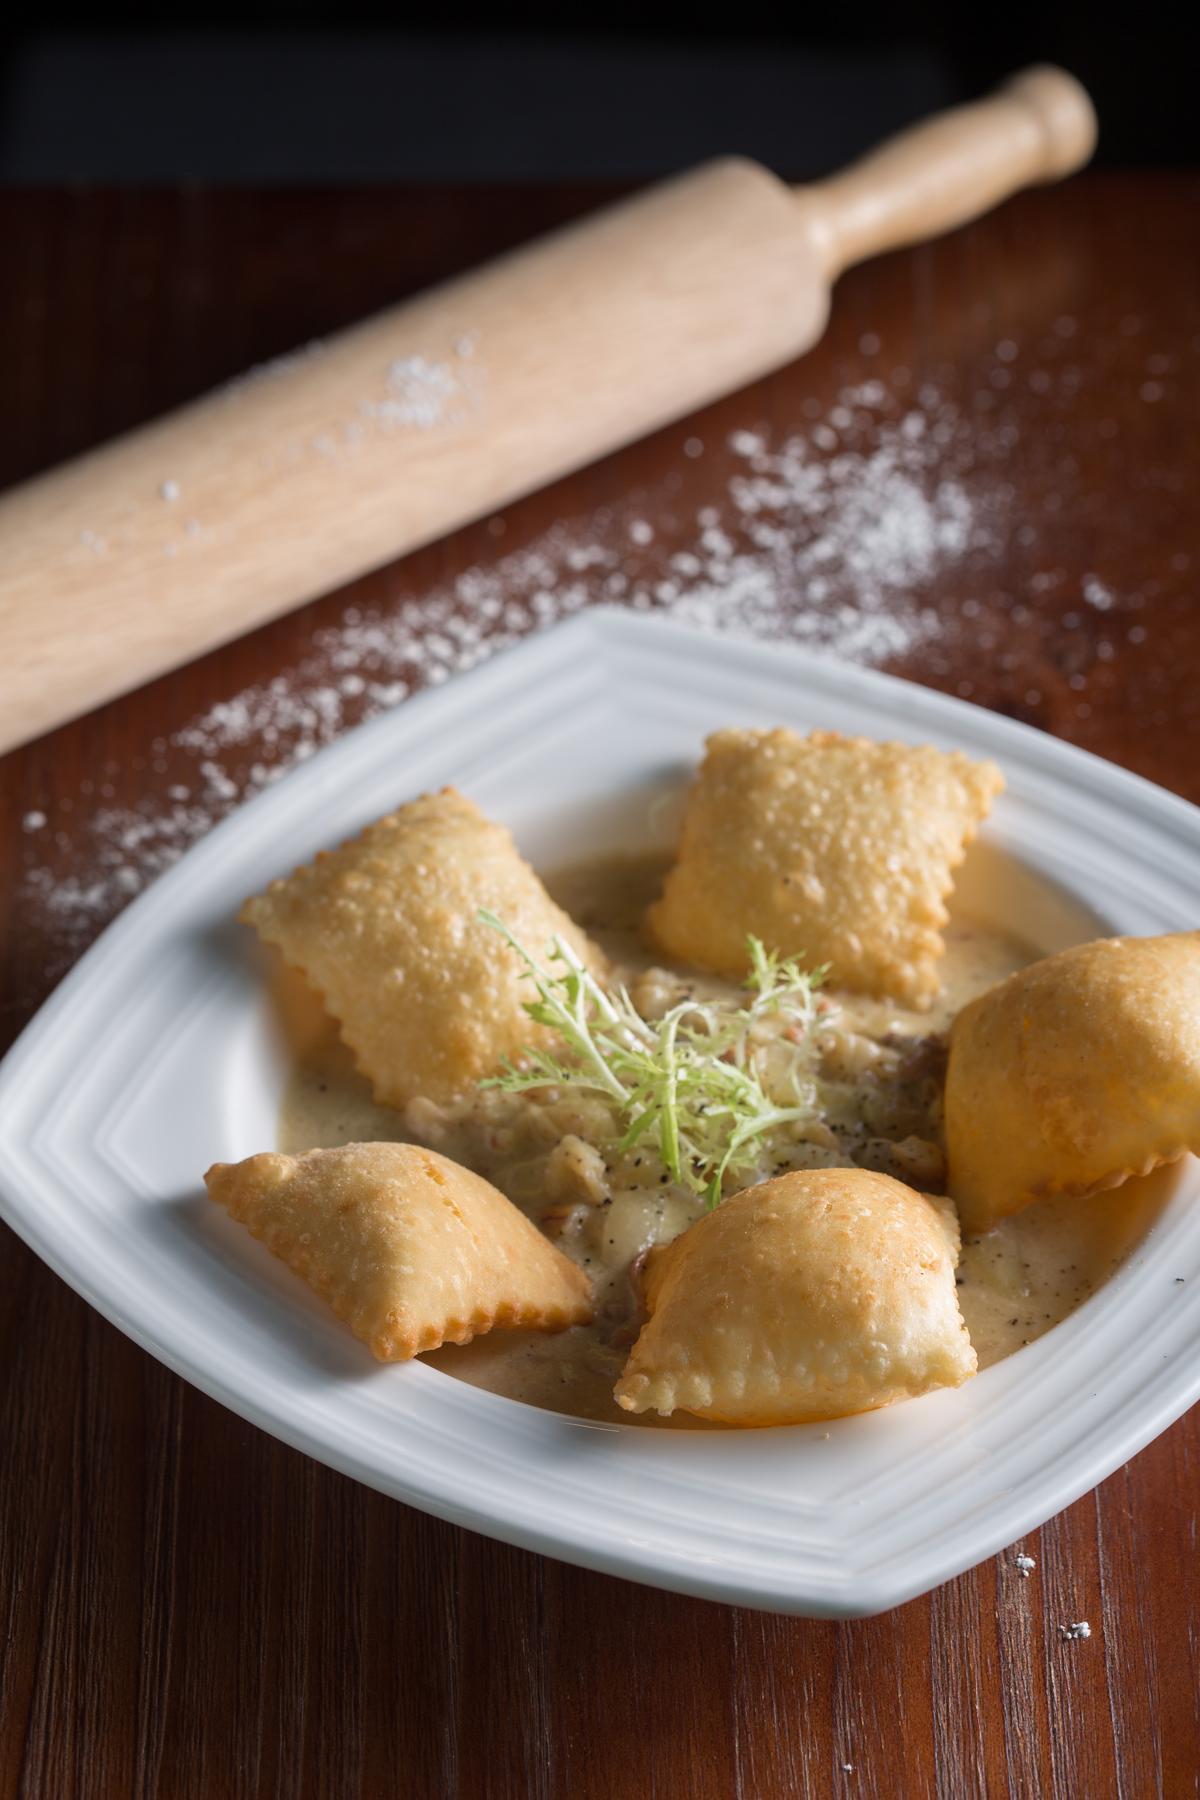 「奶油蟹肉佐豬油麵包」的澎香麵包沾奶油蟹肉,酥香濃滑。(300元/份)